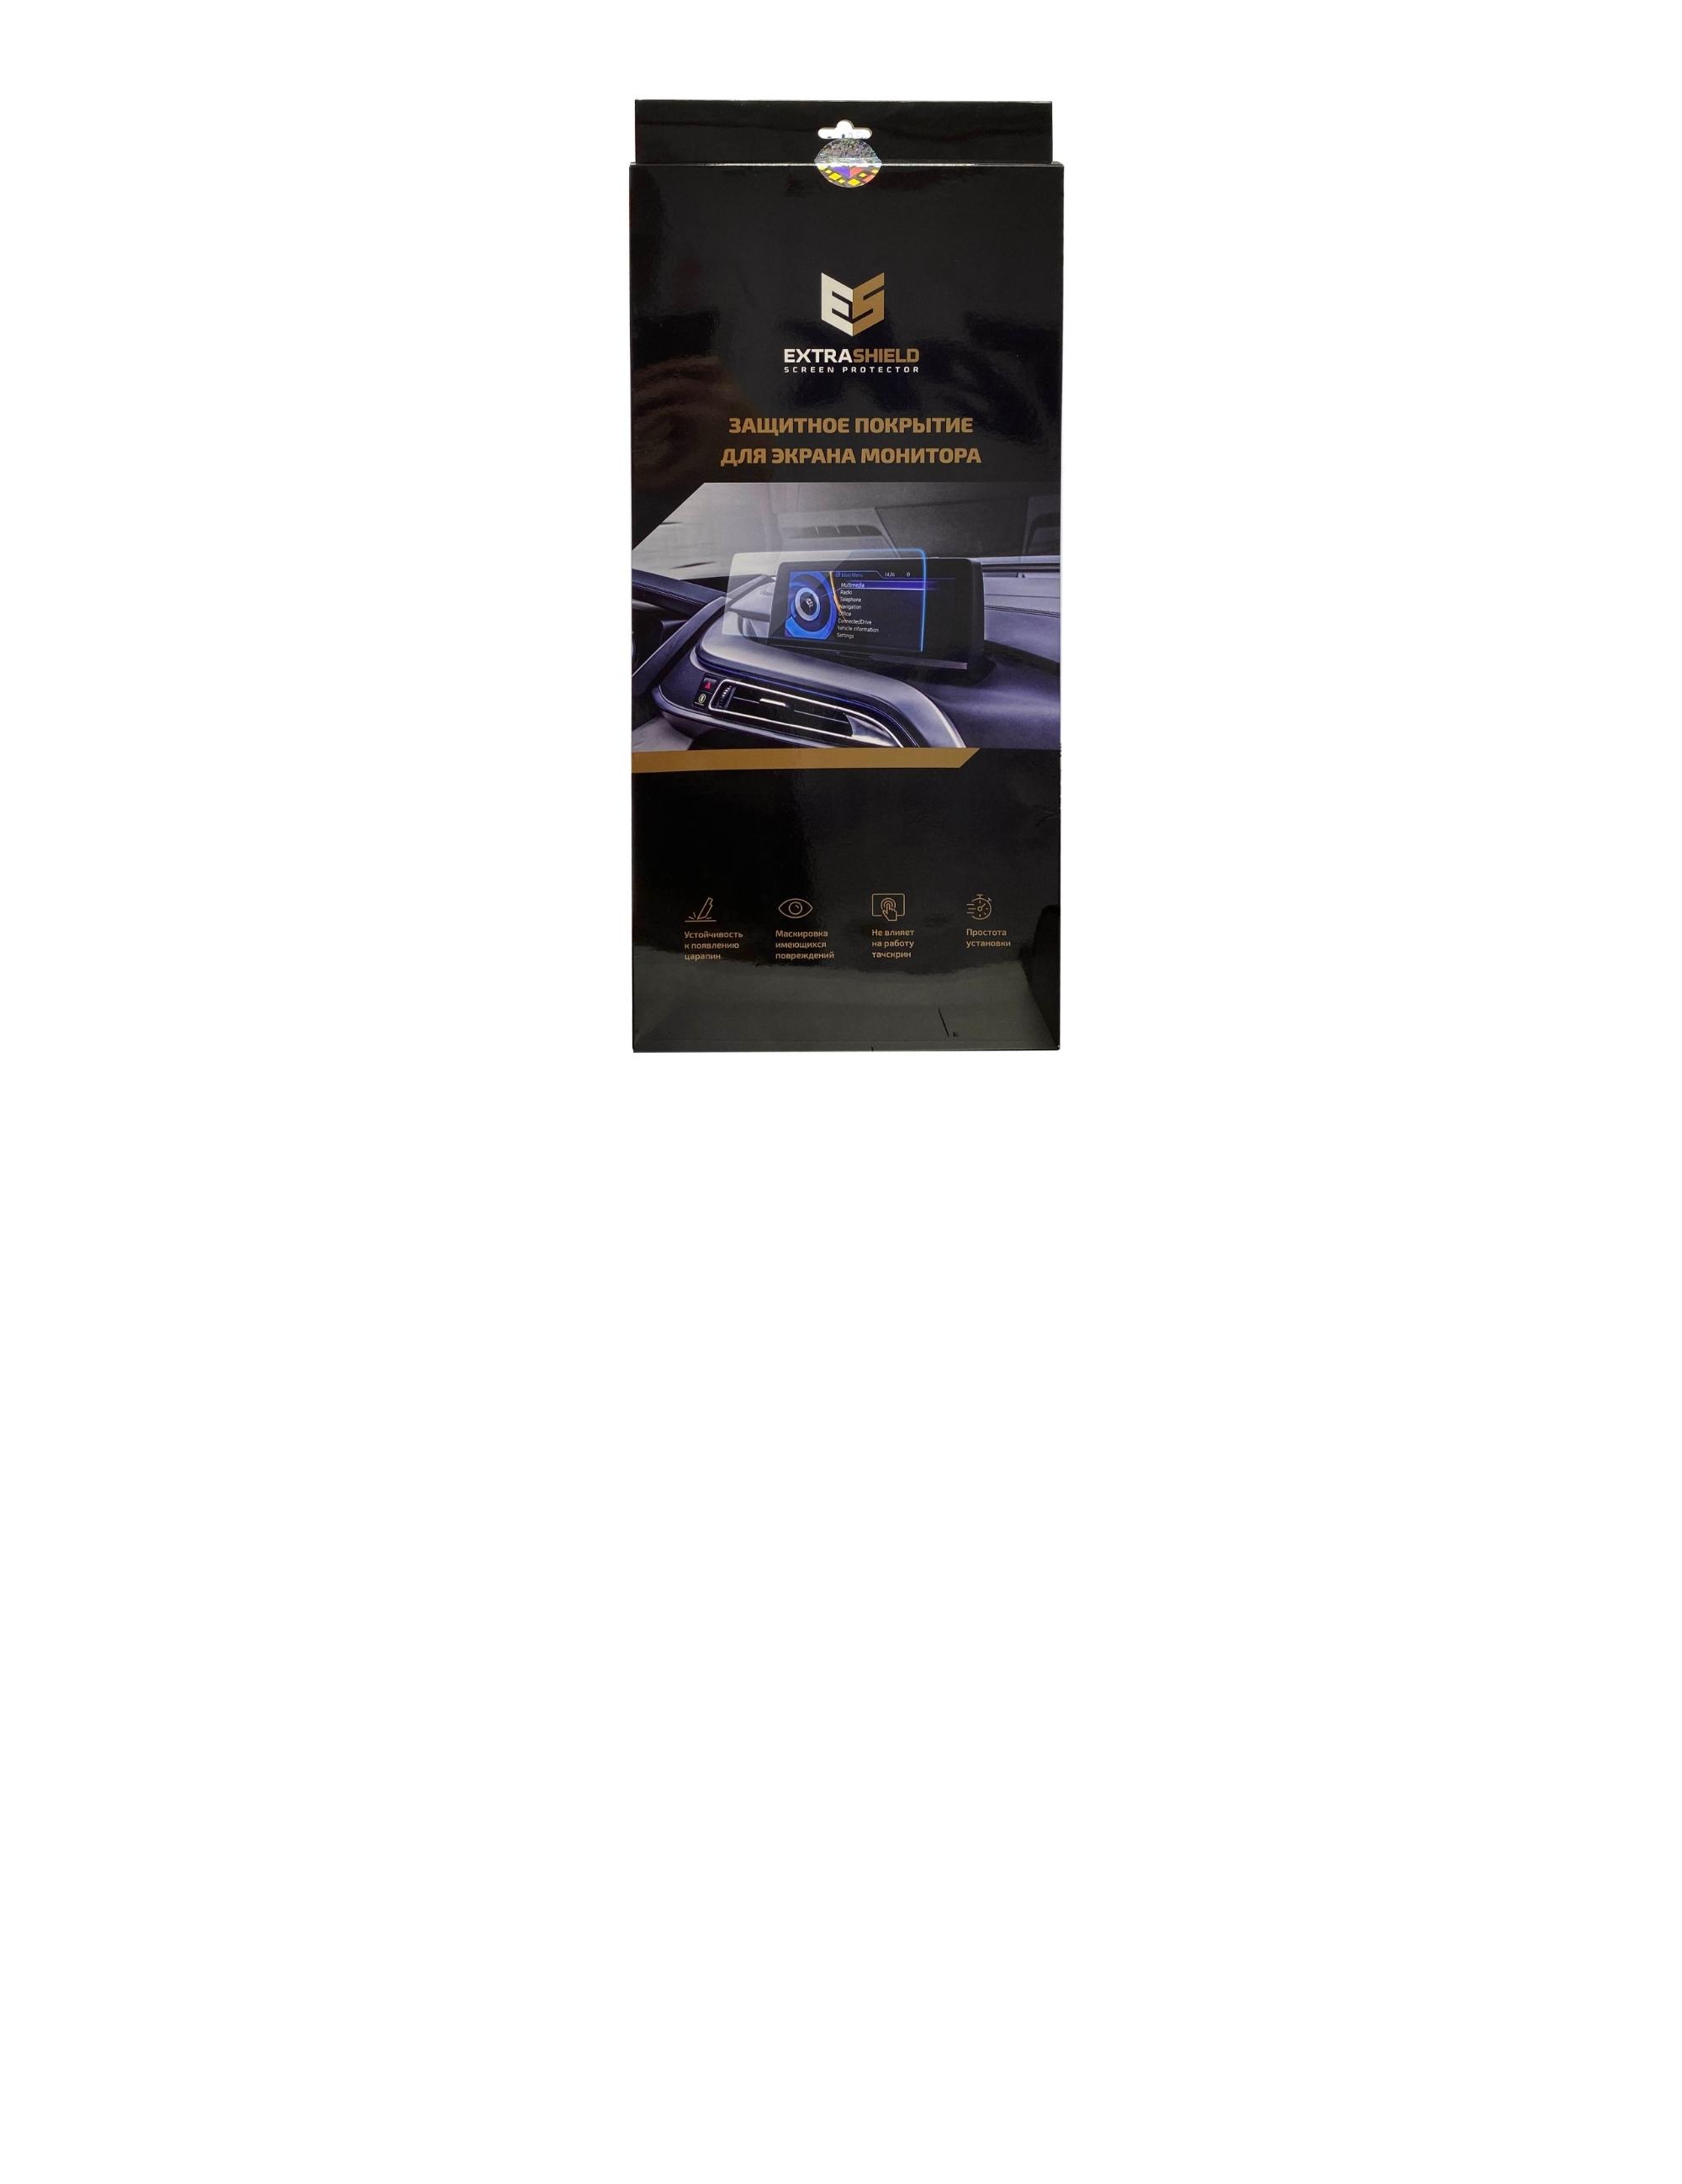 BMW X6 (G06) 2019 - н.в. приборная панель (с датчиком) 12.3 Защитное стекло Глянец